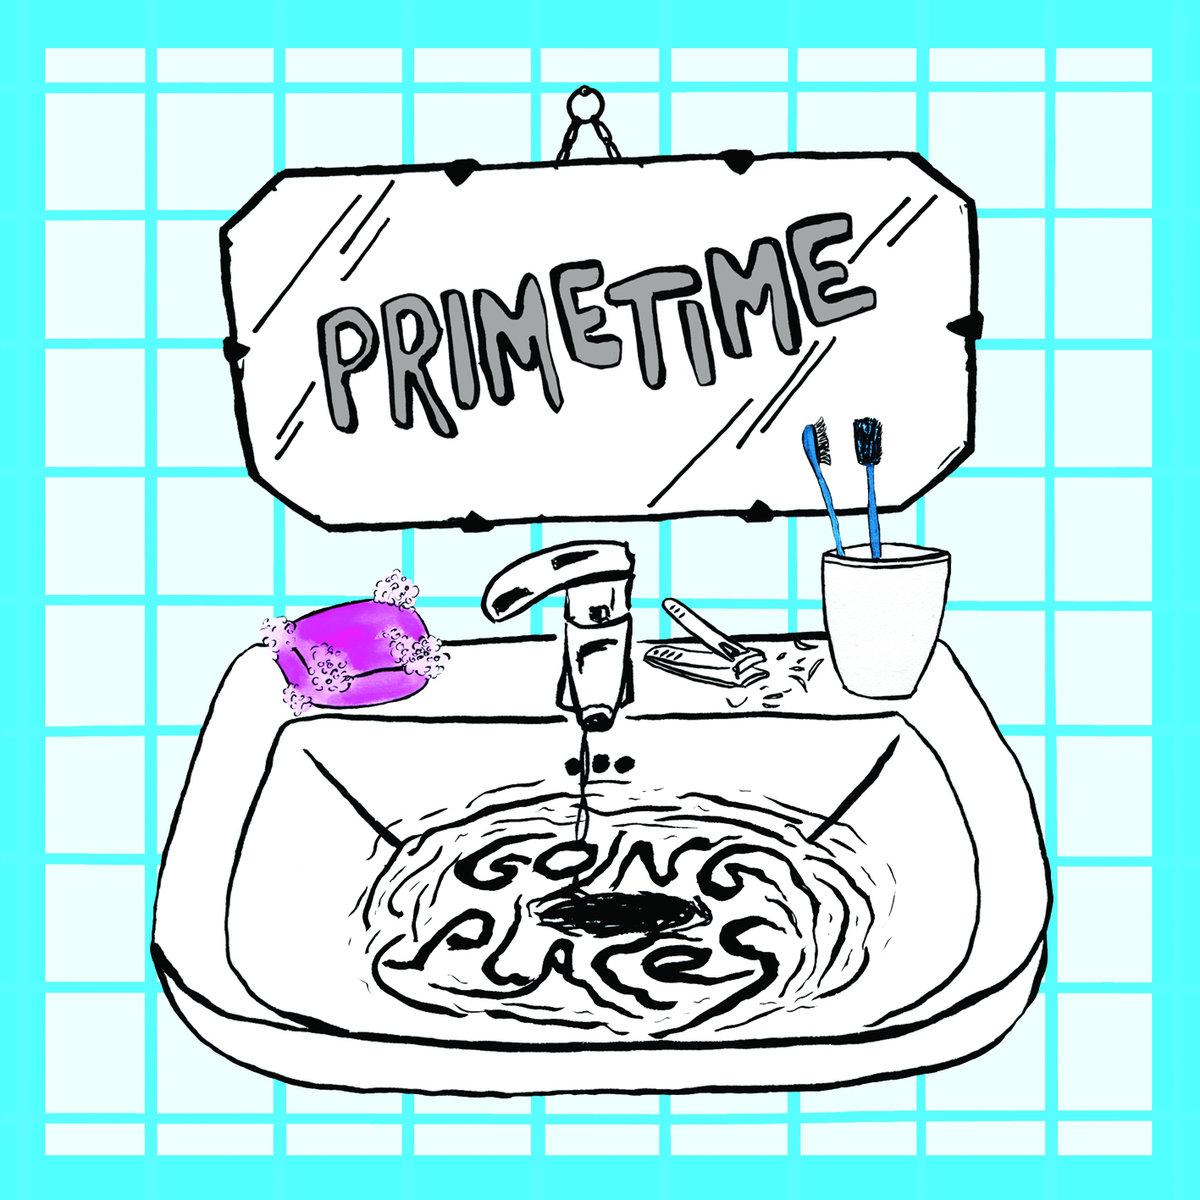 Primetime - Going Places 7